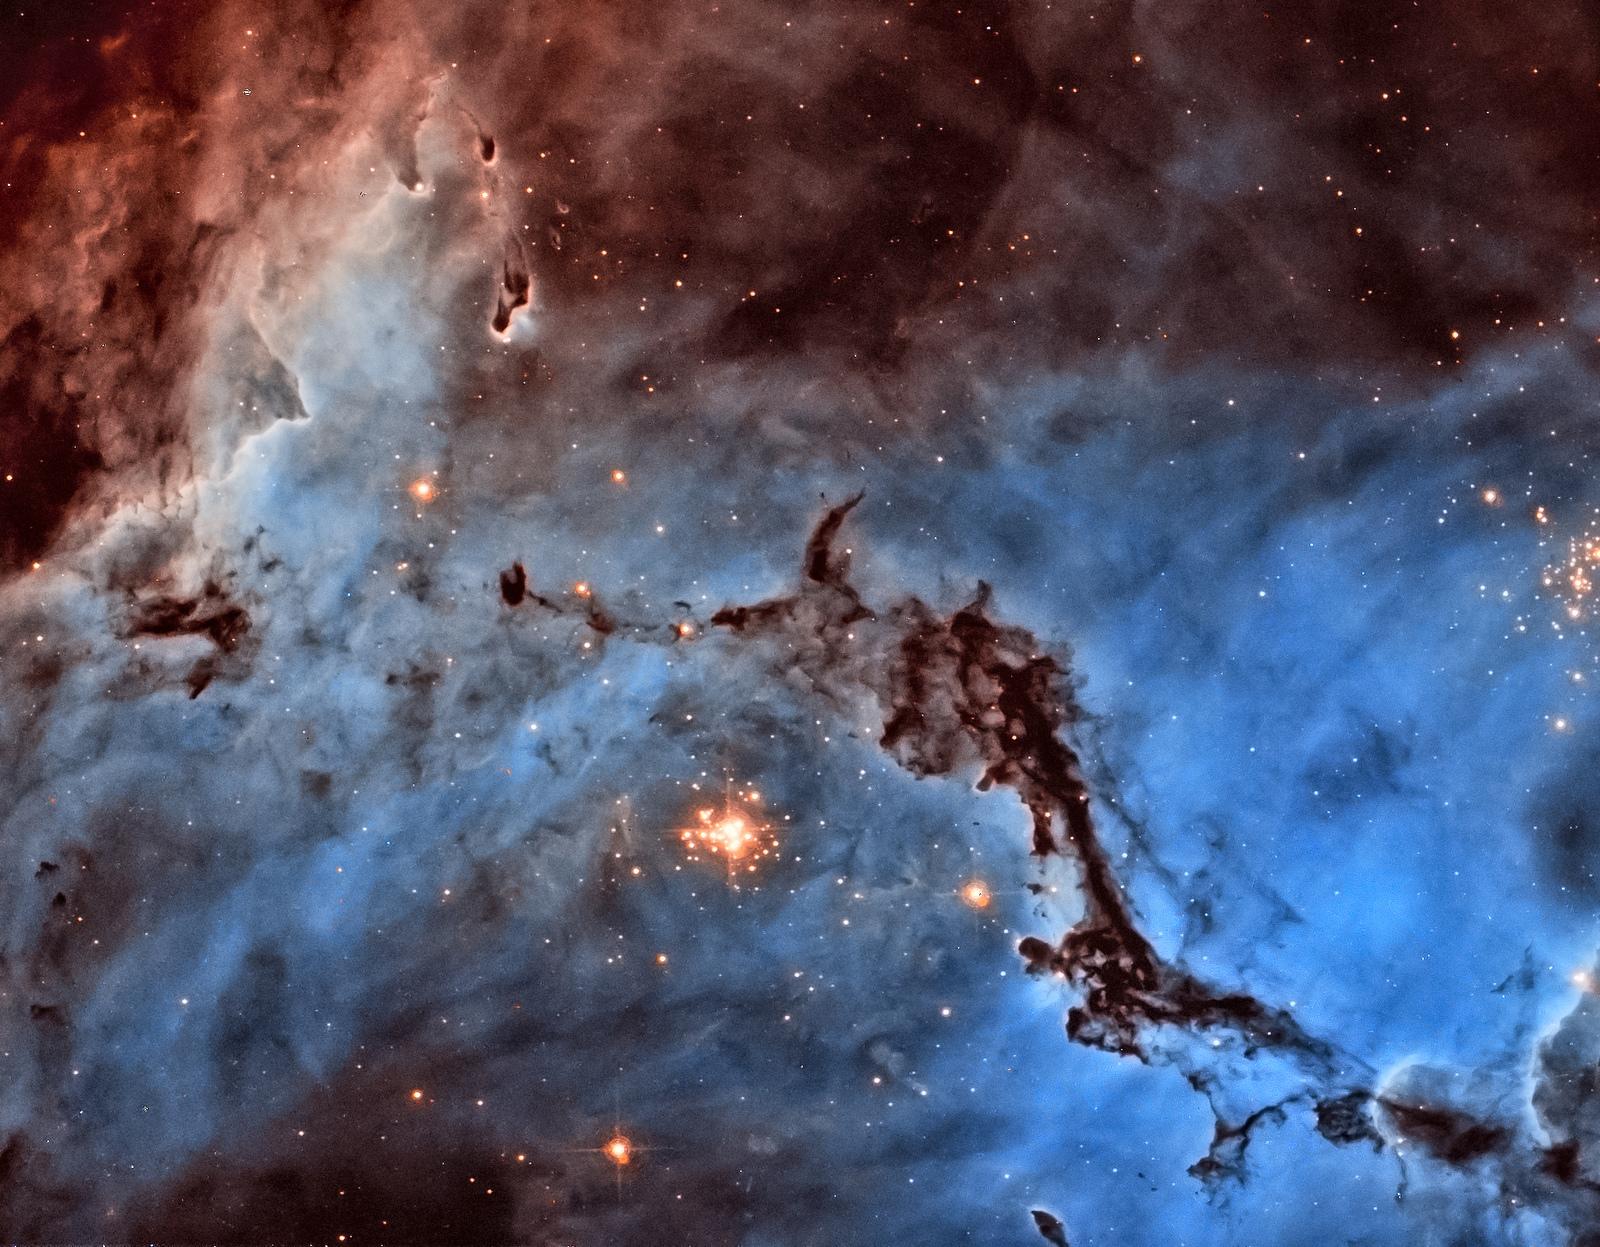 Hubble Hidden Treasures Winner